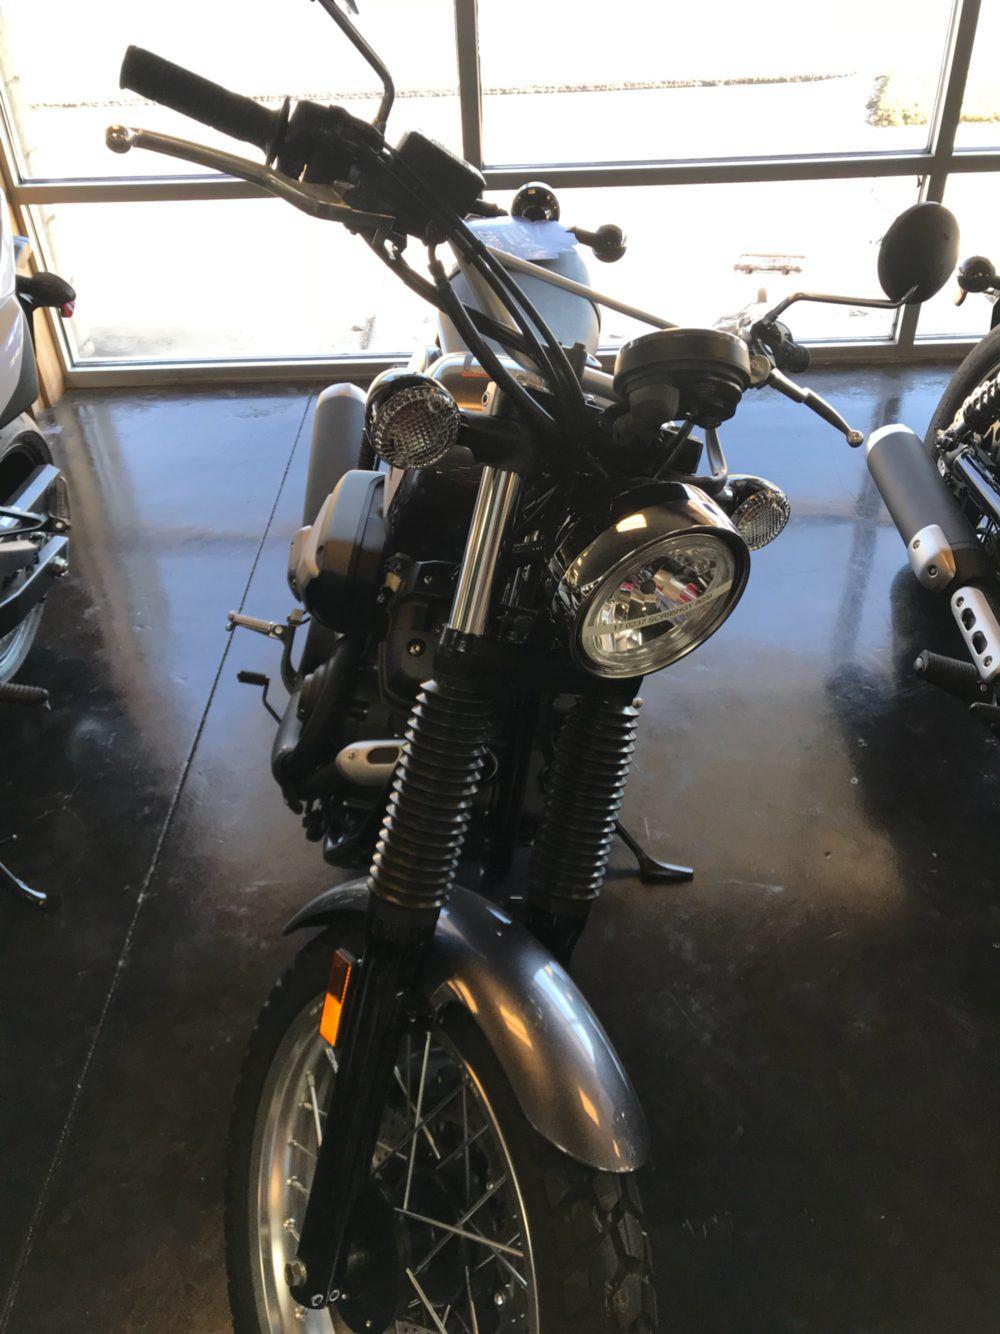 New 2017 Yamaha SCR950 Motorcycles Panama City Cycles